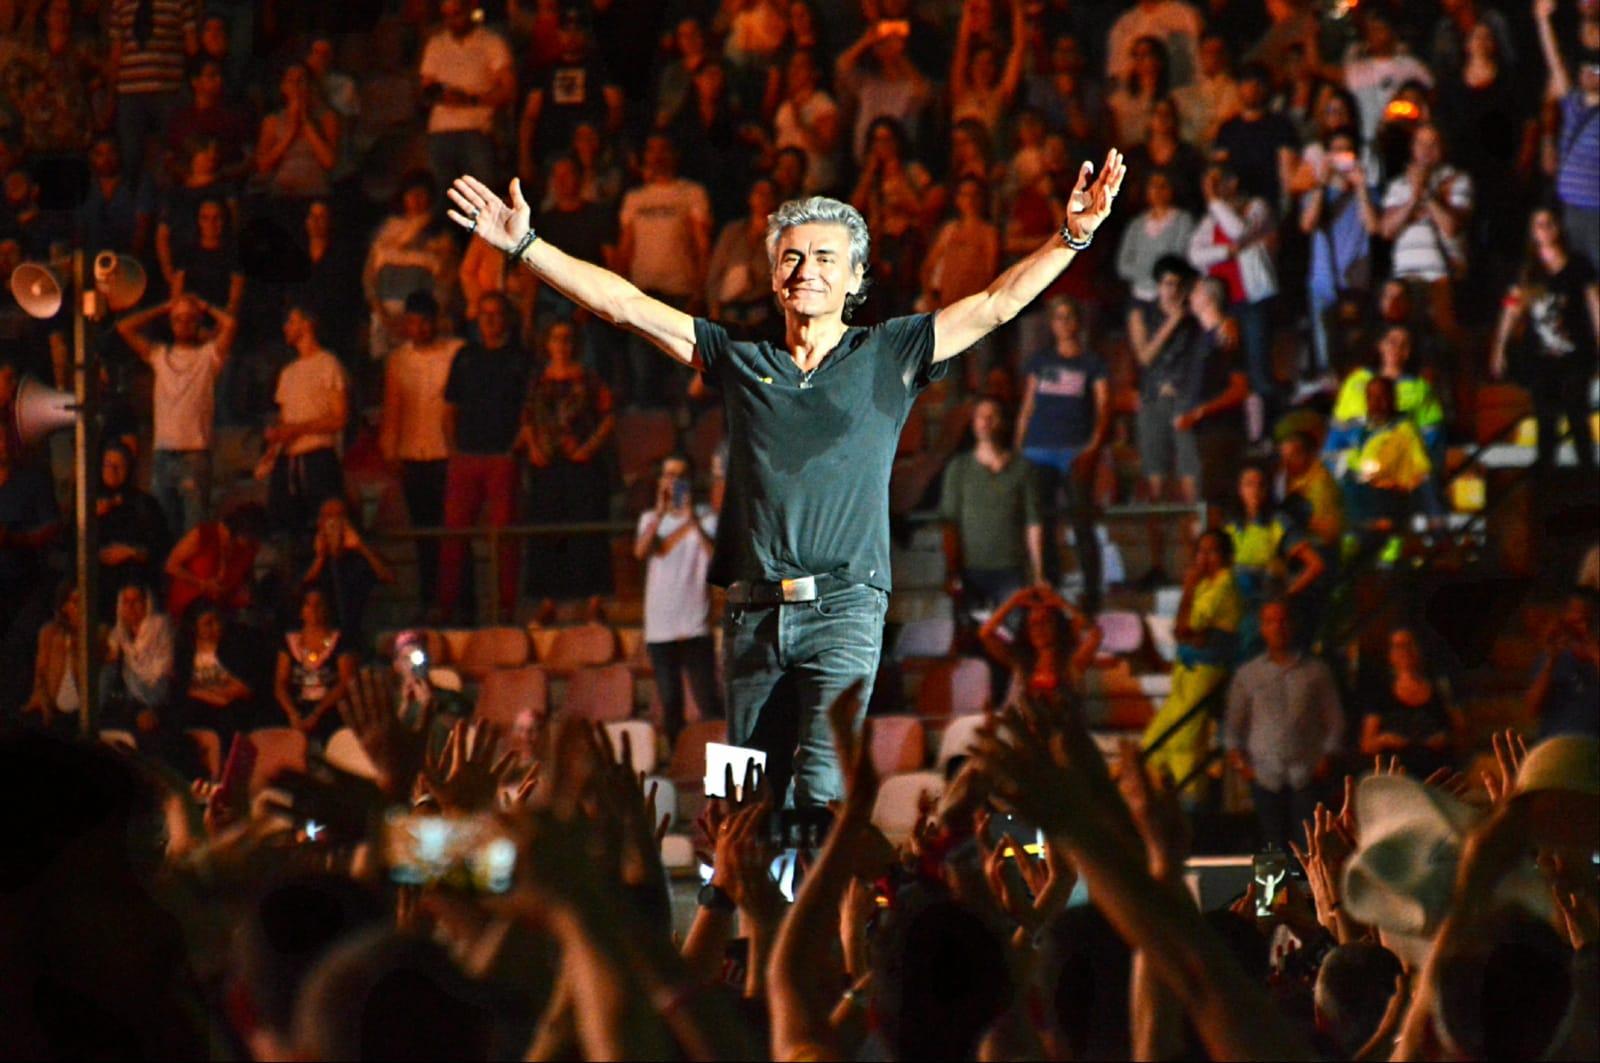 Entusiasmo al concerto di Ligabue